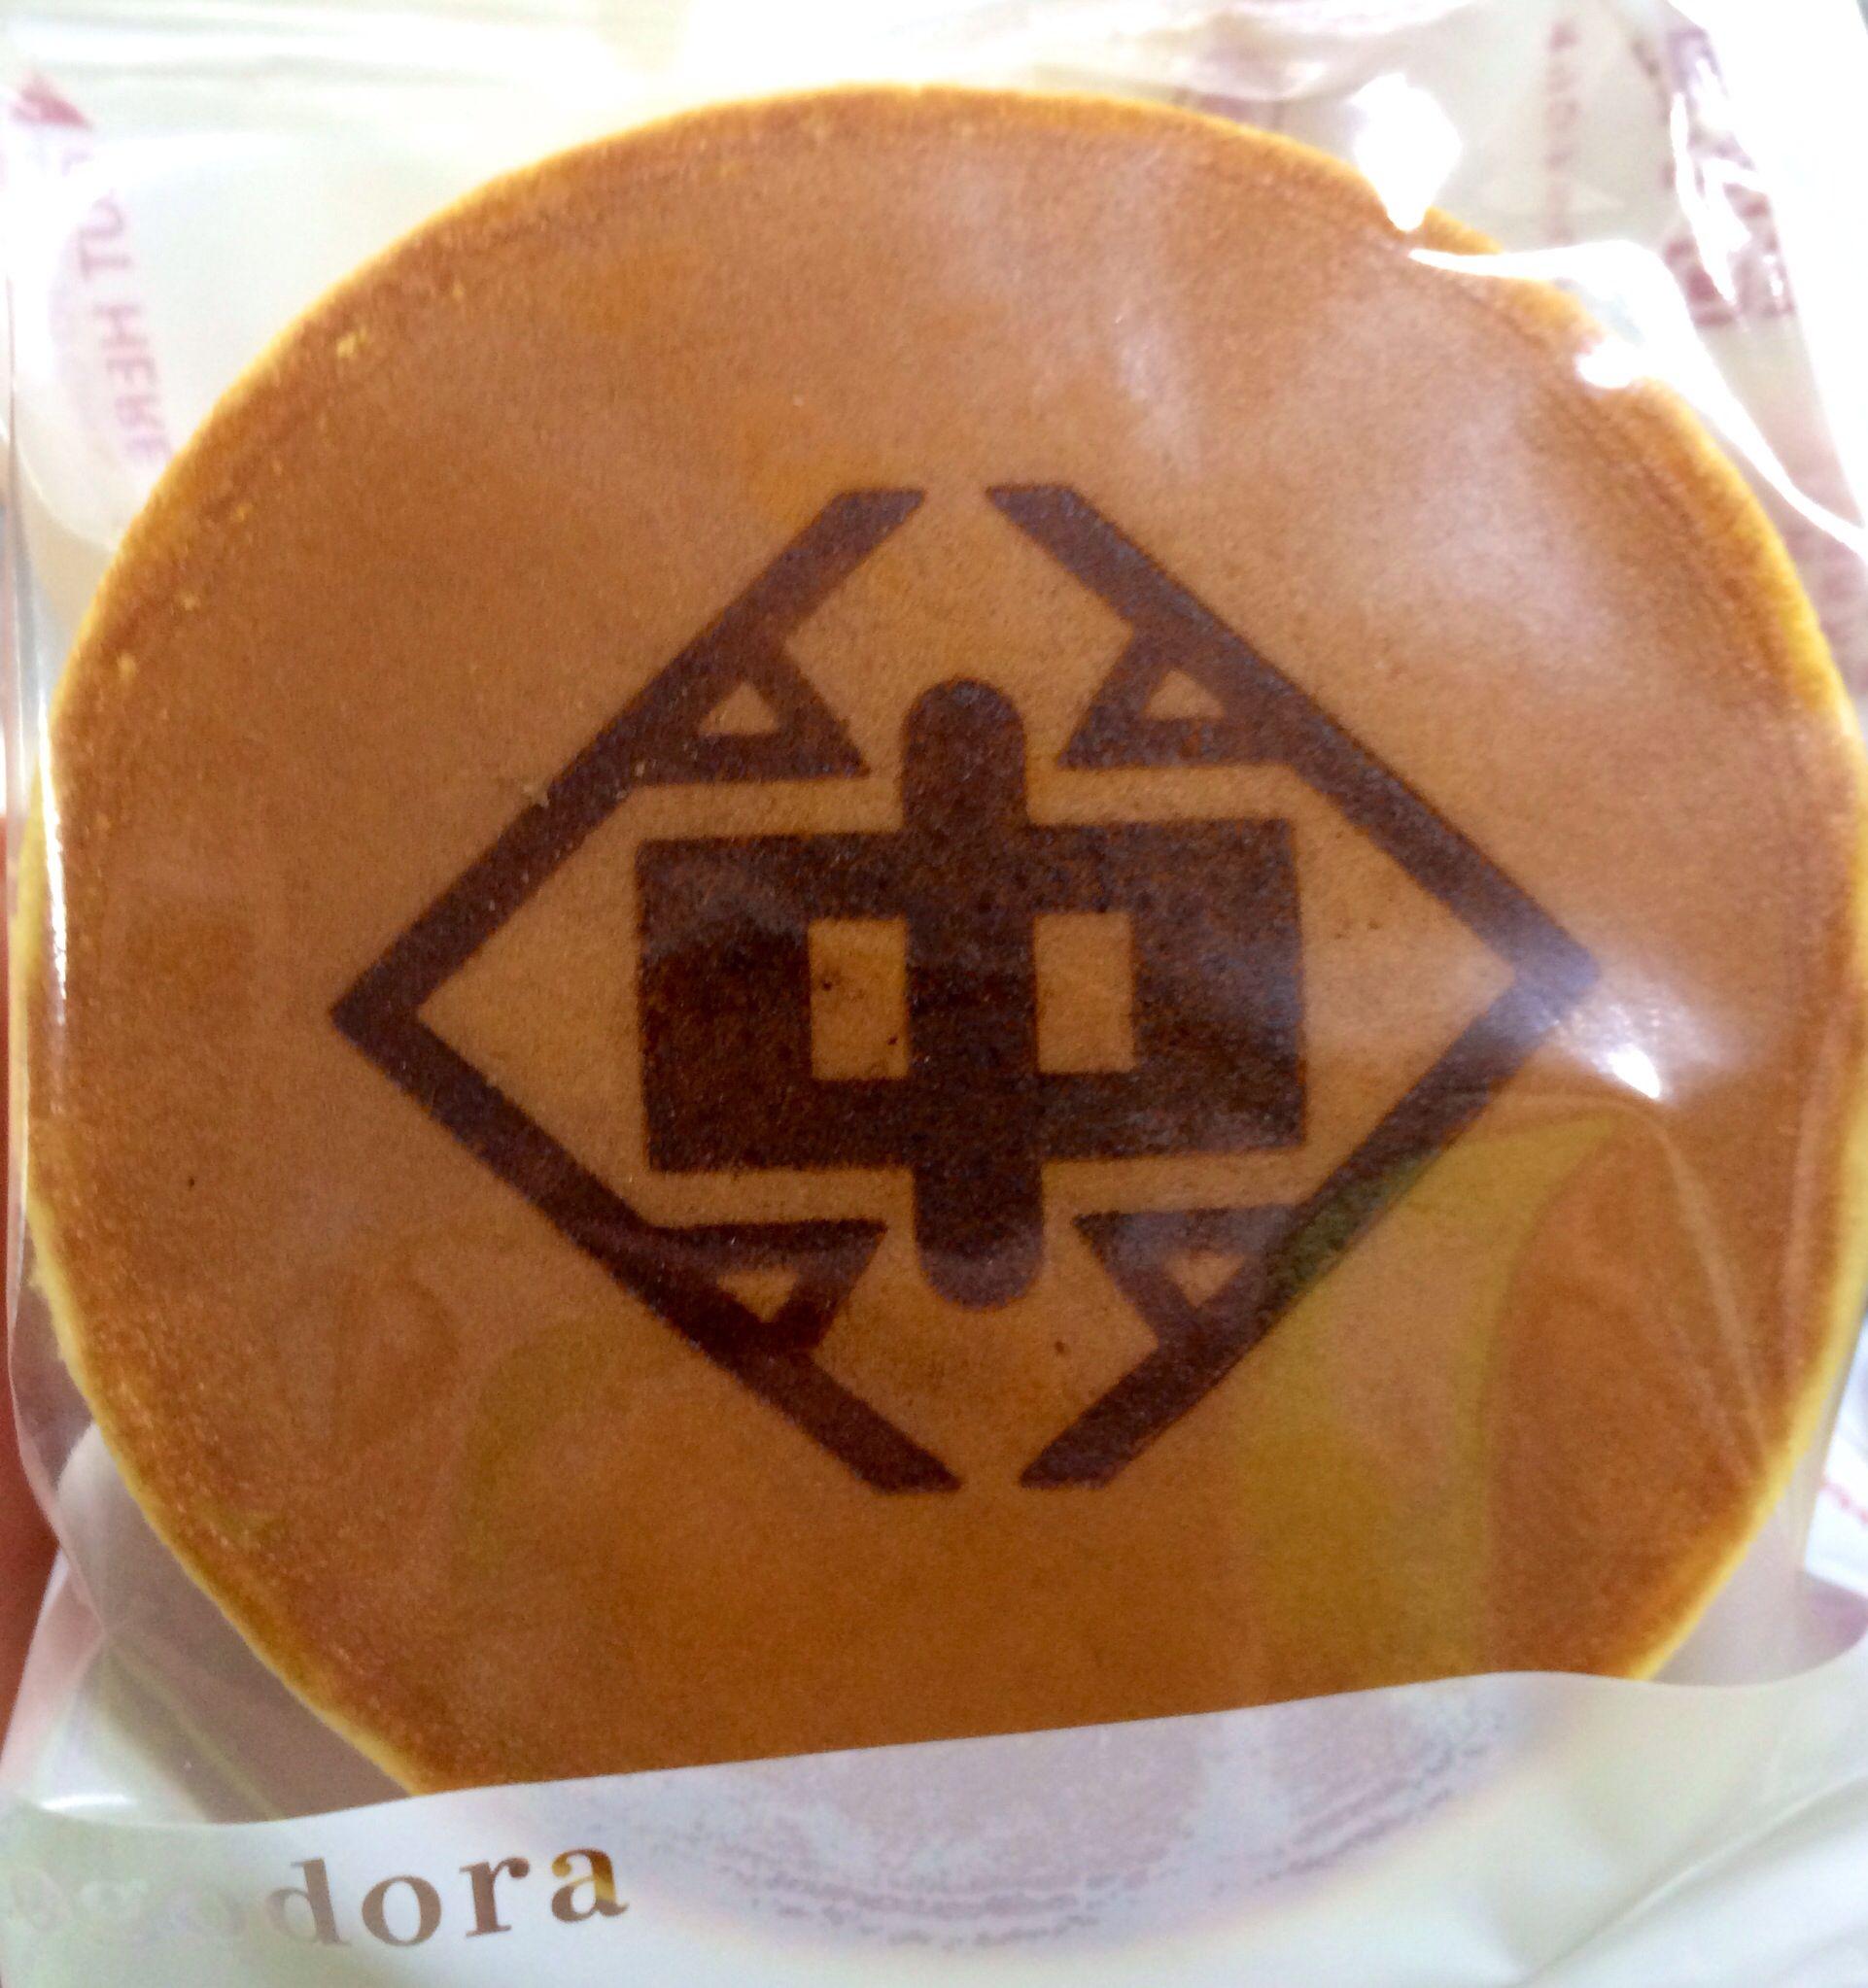 http://logodora.jp/ Japanese food wagashi sweets dorayaki